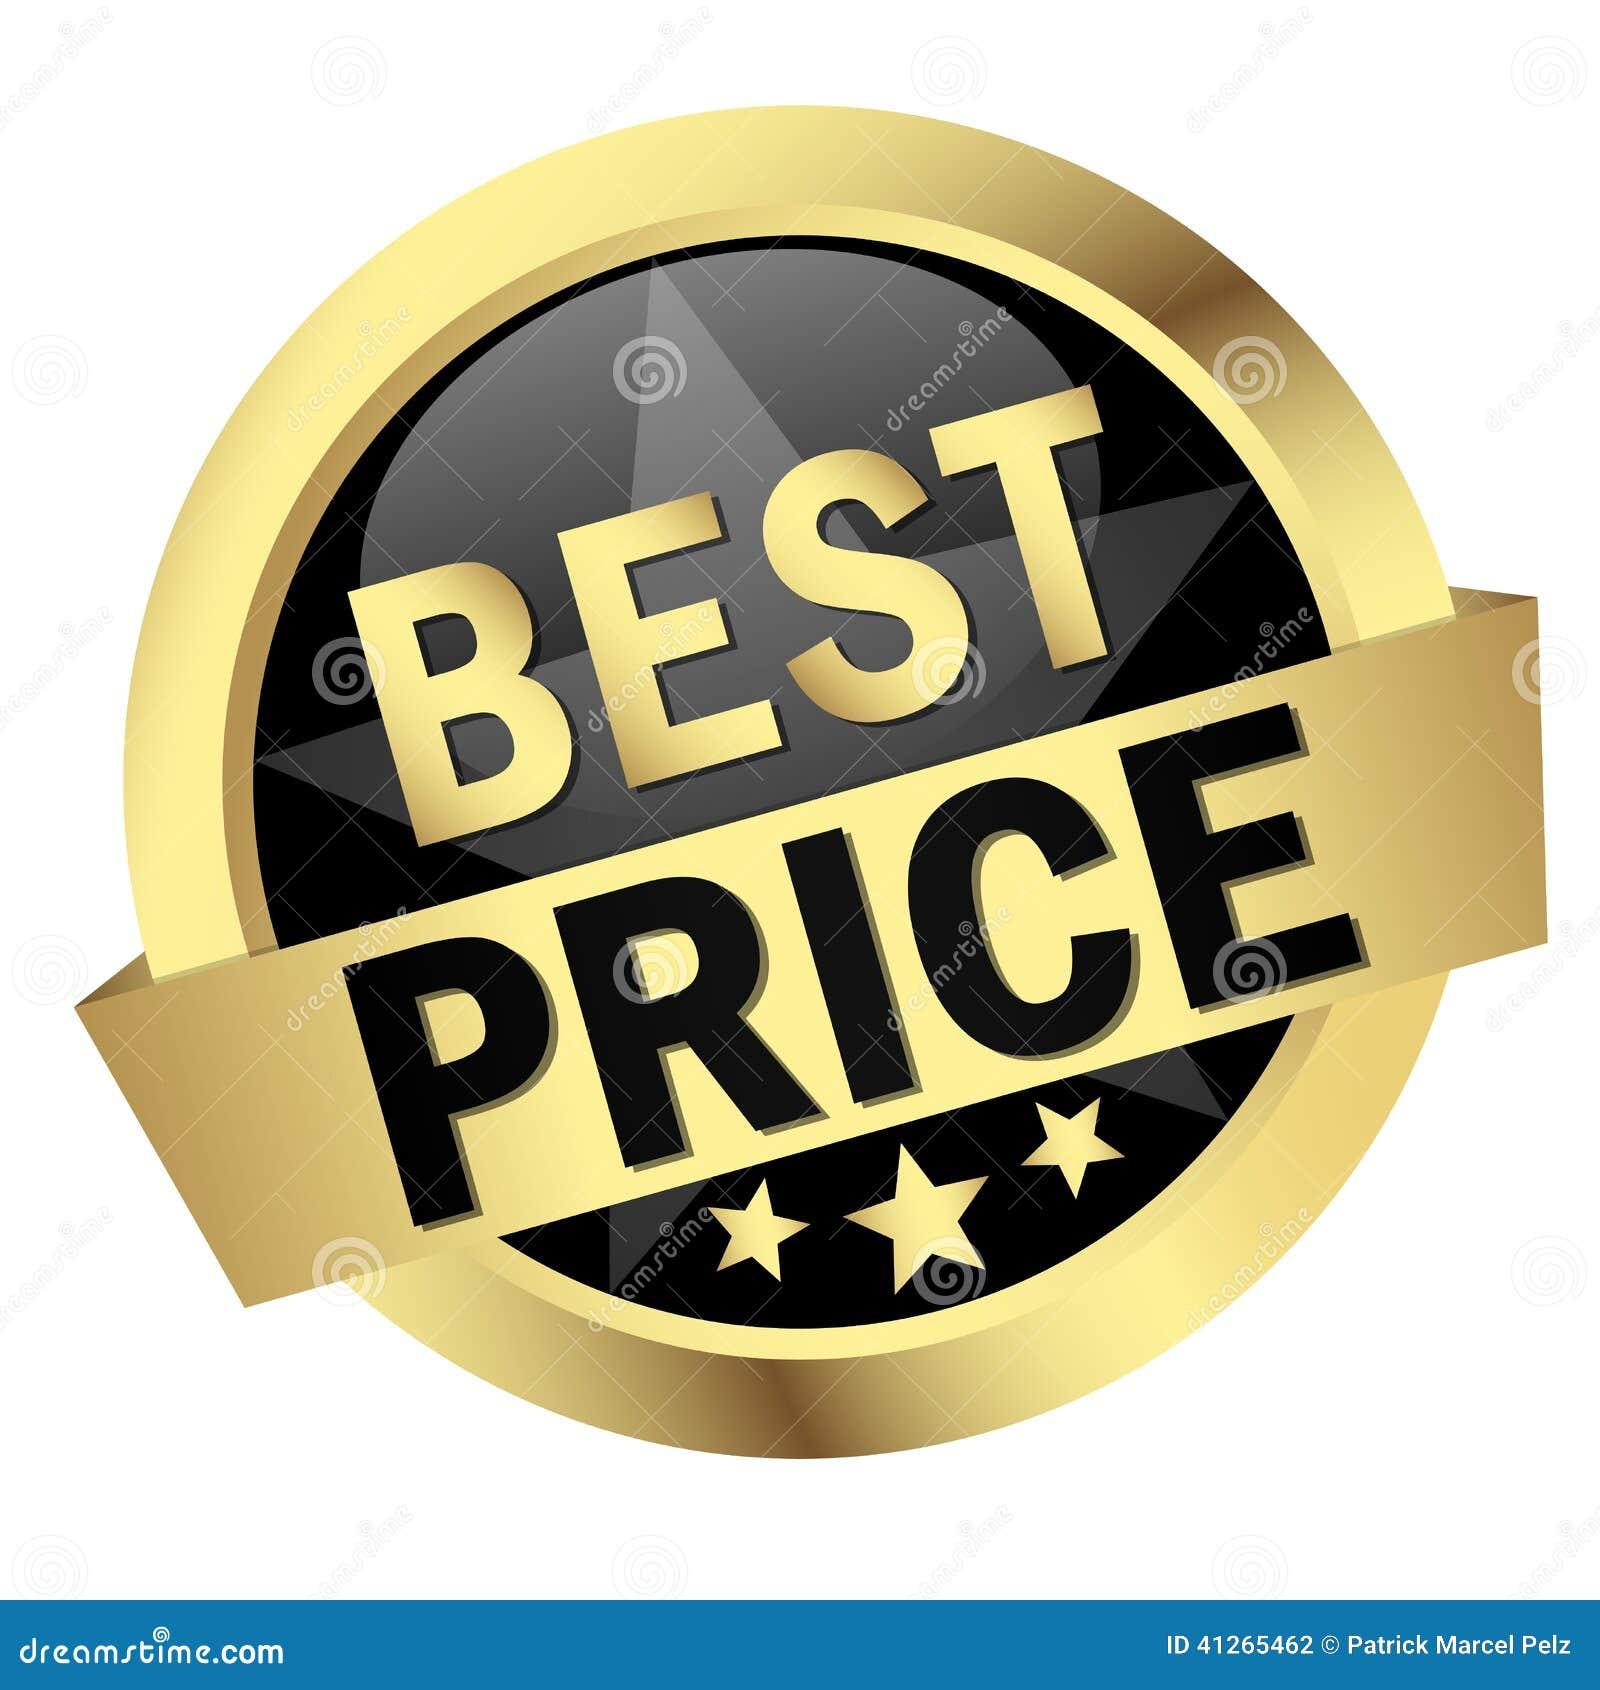 Best Price Trinidazole